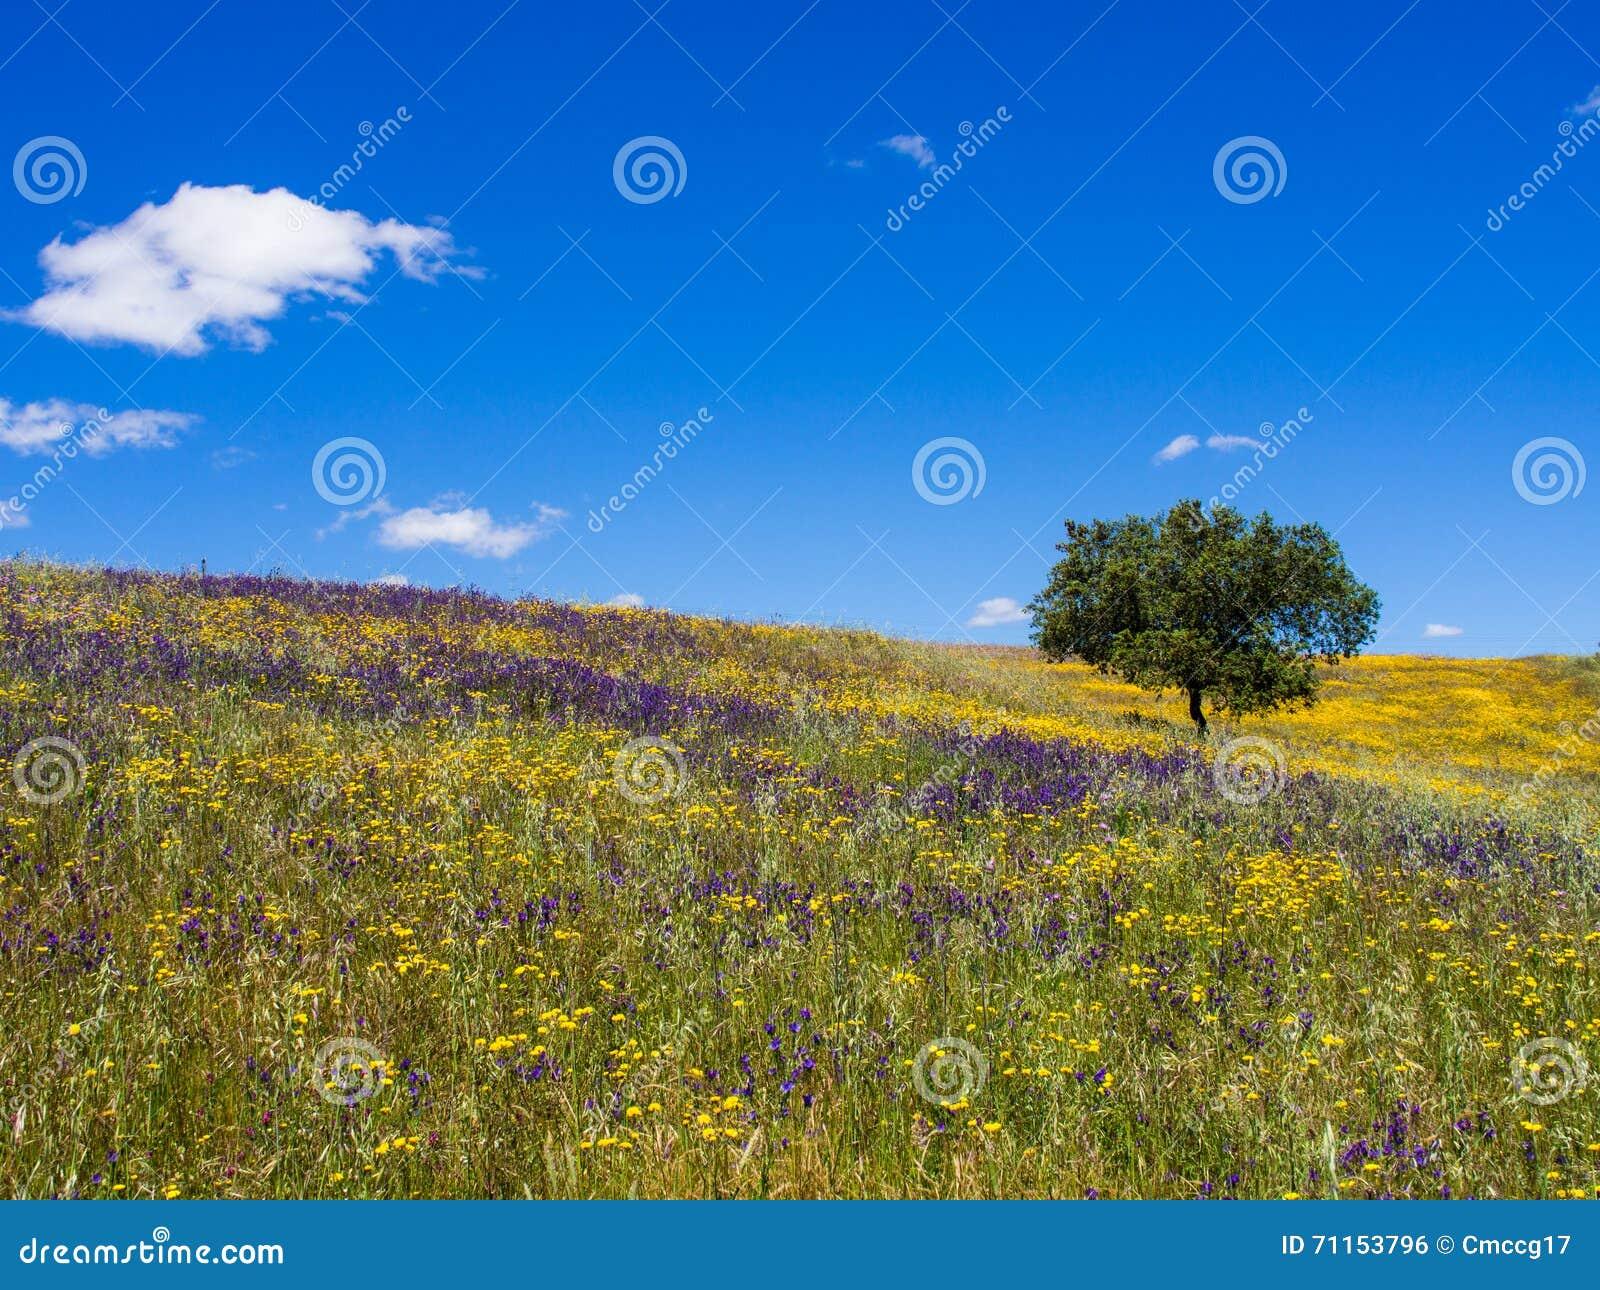 daisy field mountain sky - photo #28